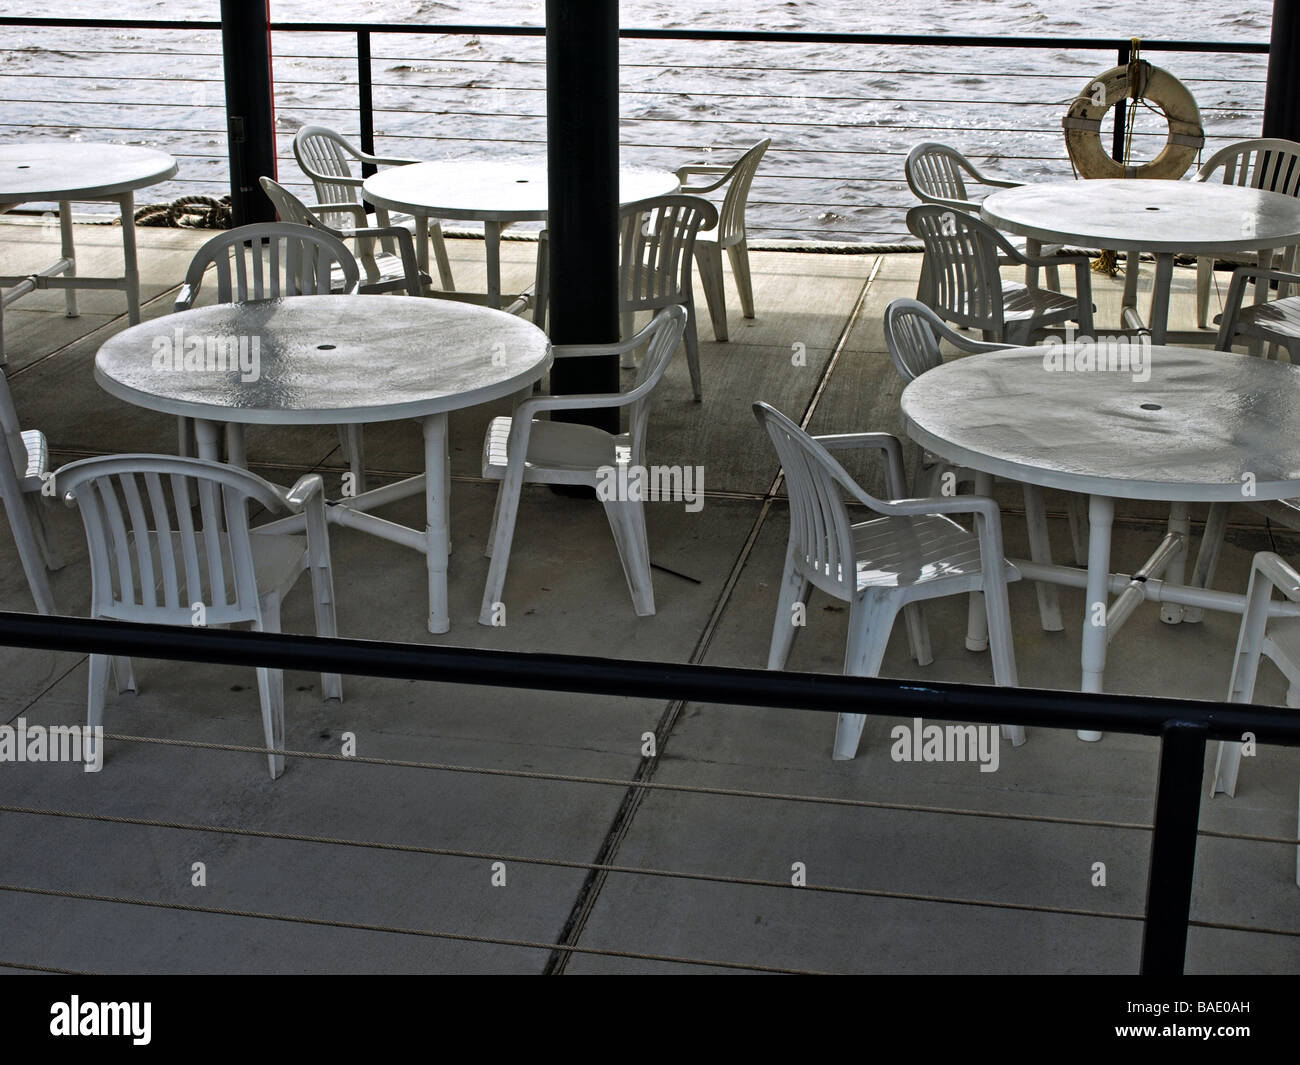 Sedie In Metallo E Plastica : Tavoli da picnic e sedie su un molo vicino al fiume con sedie in